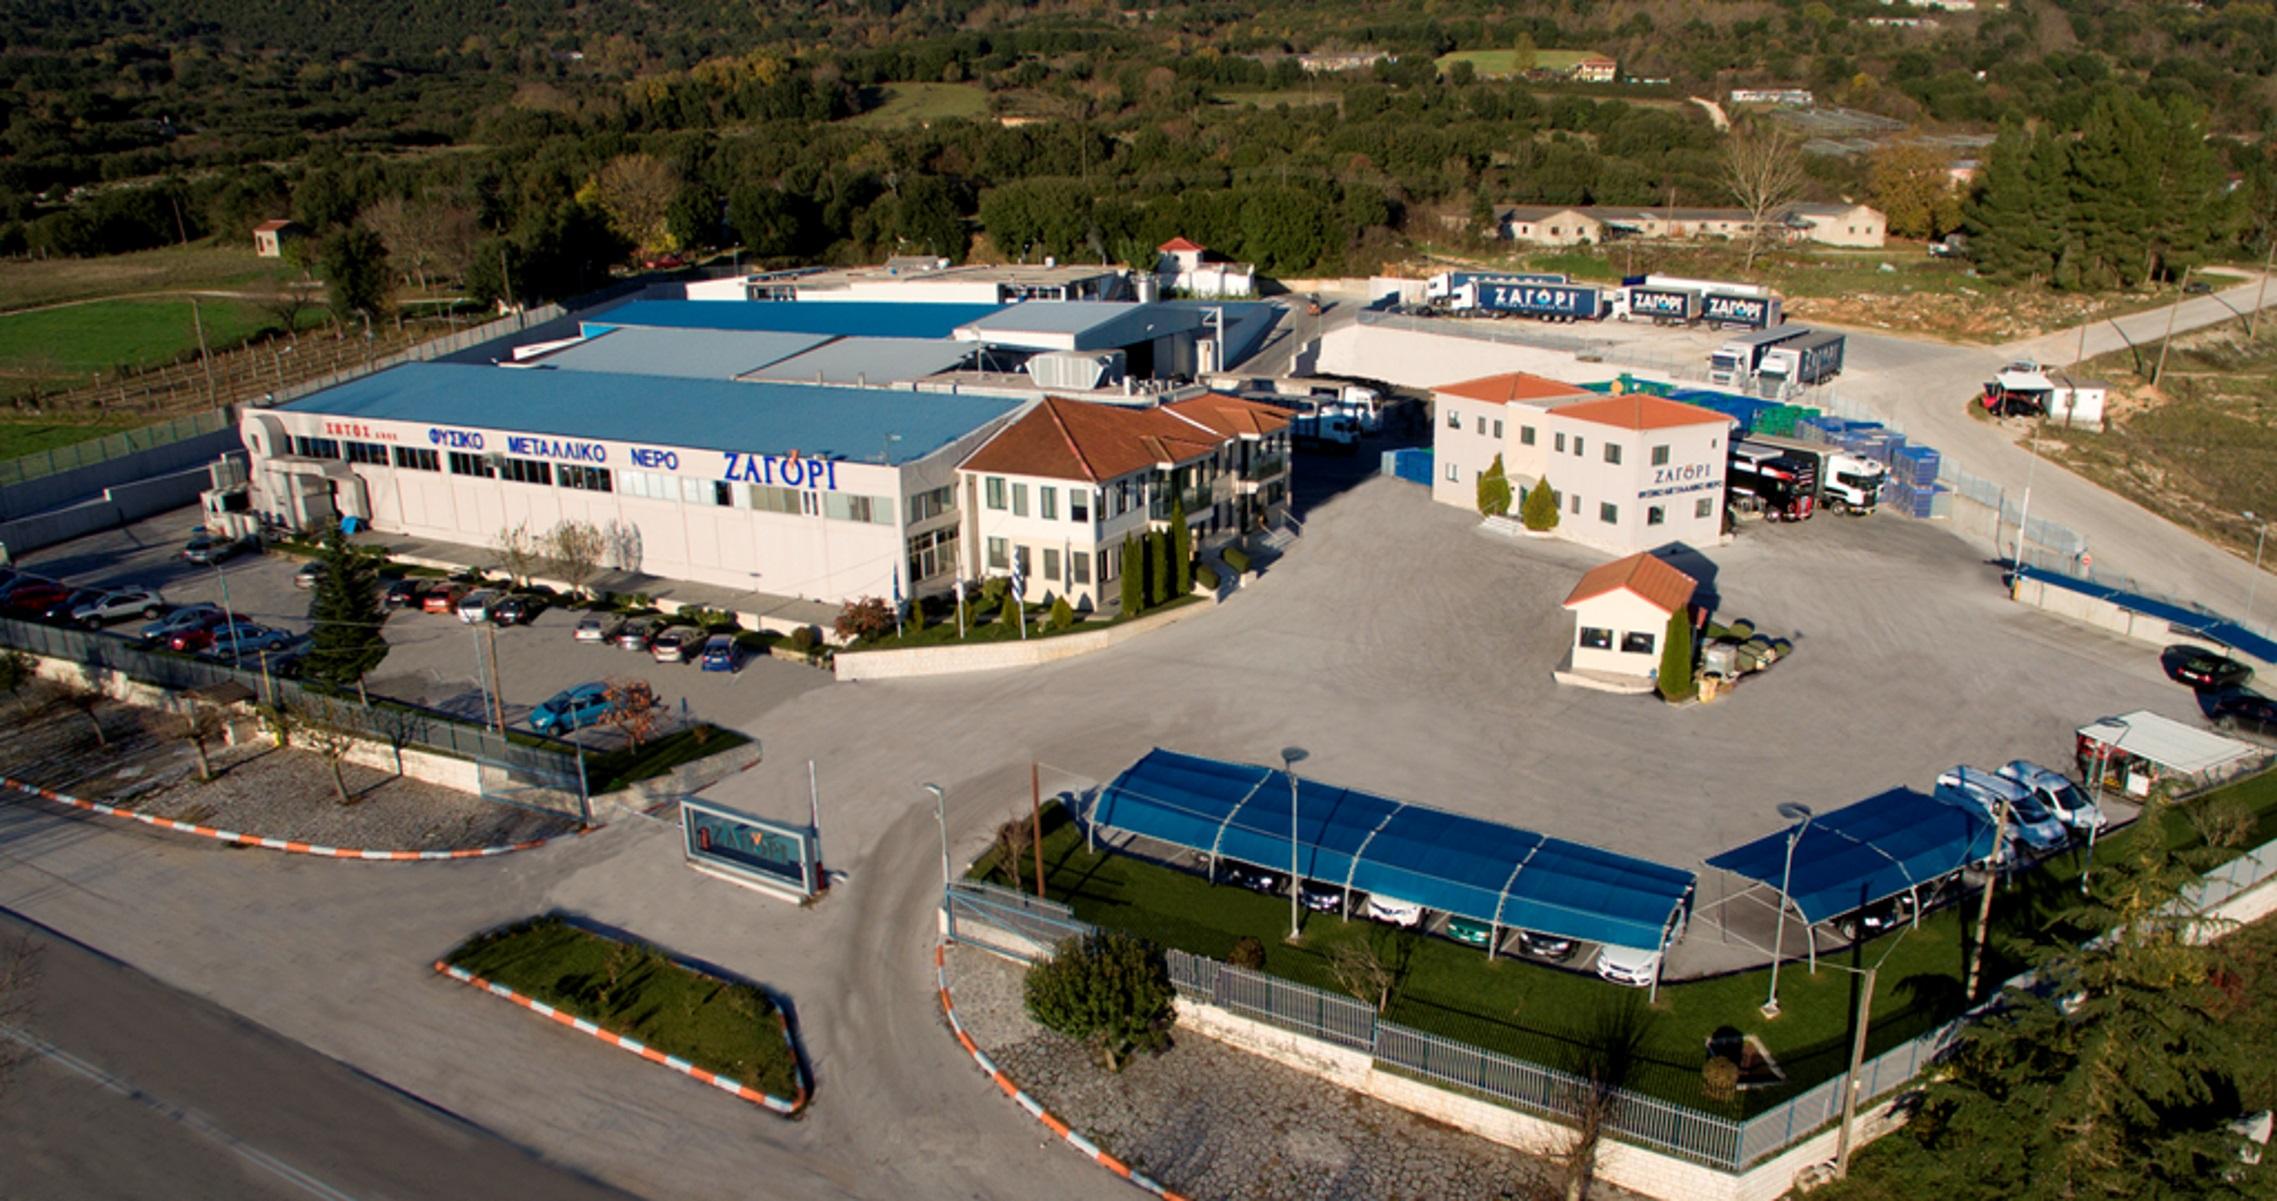 Χήτος ΑΒΕΕ: Οι επενδύσεις 25 εκατ. ευρώ στο Ζαγόρι και οι διοικητικές αλλαγές